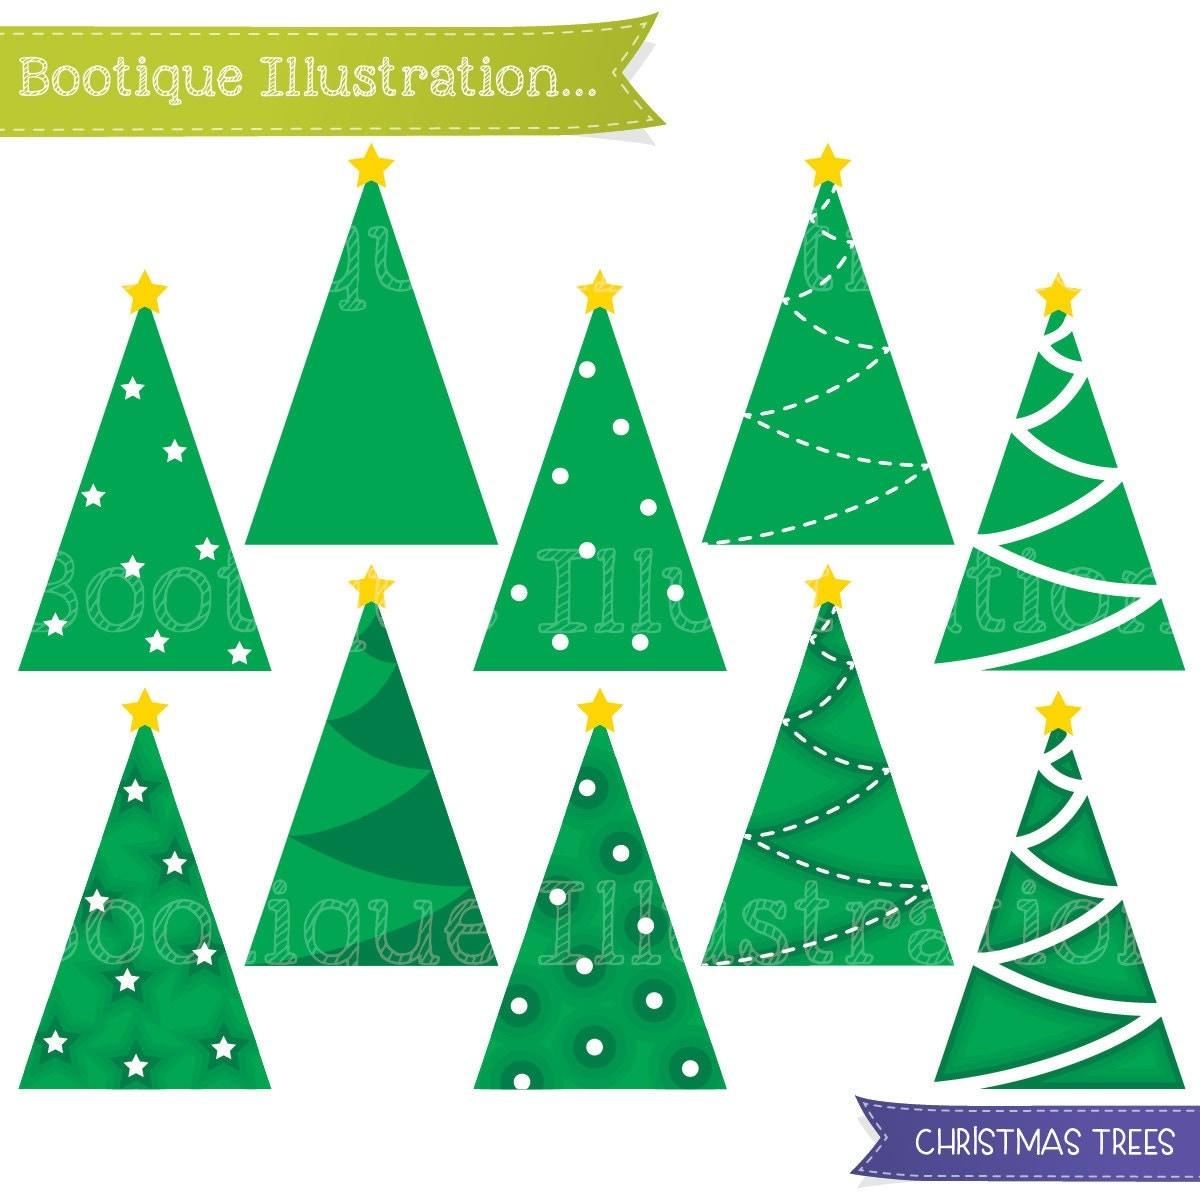 Christmas tree clipart - Cliparting.com